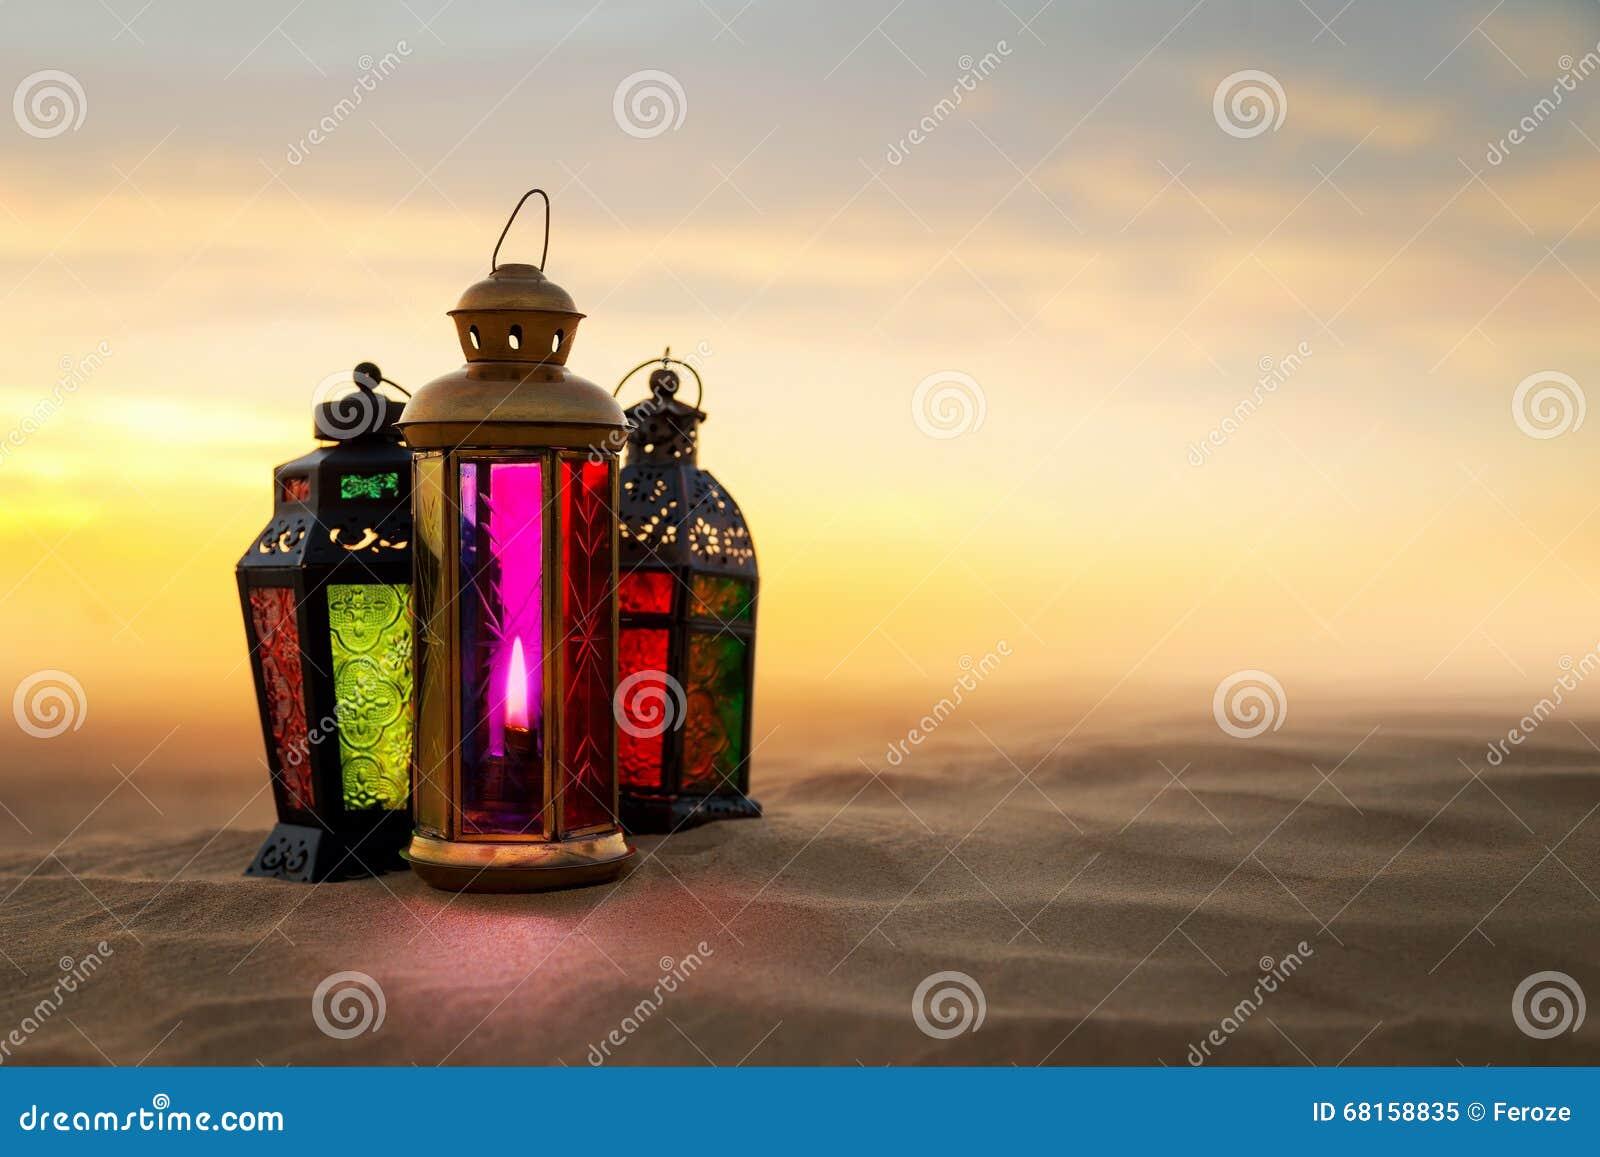 Arabic Ramadan Lantern